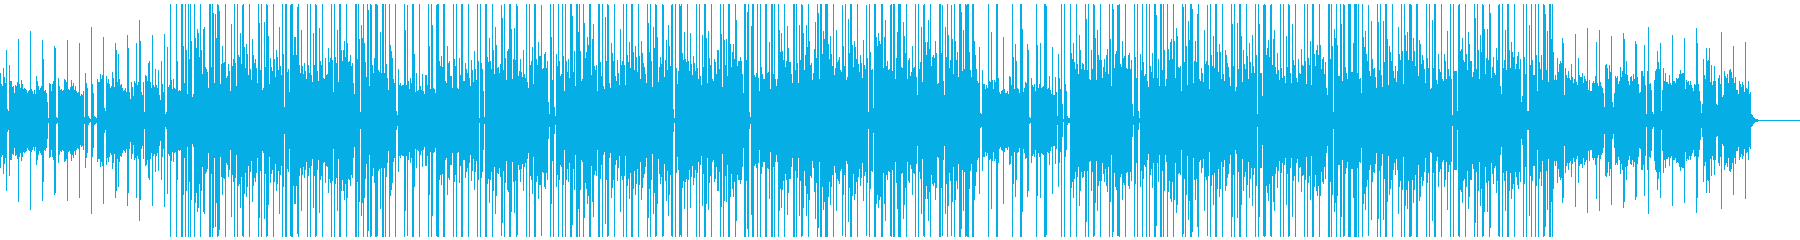 シックでクラシックなR&Bビートの再生済みの波形